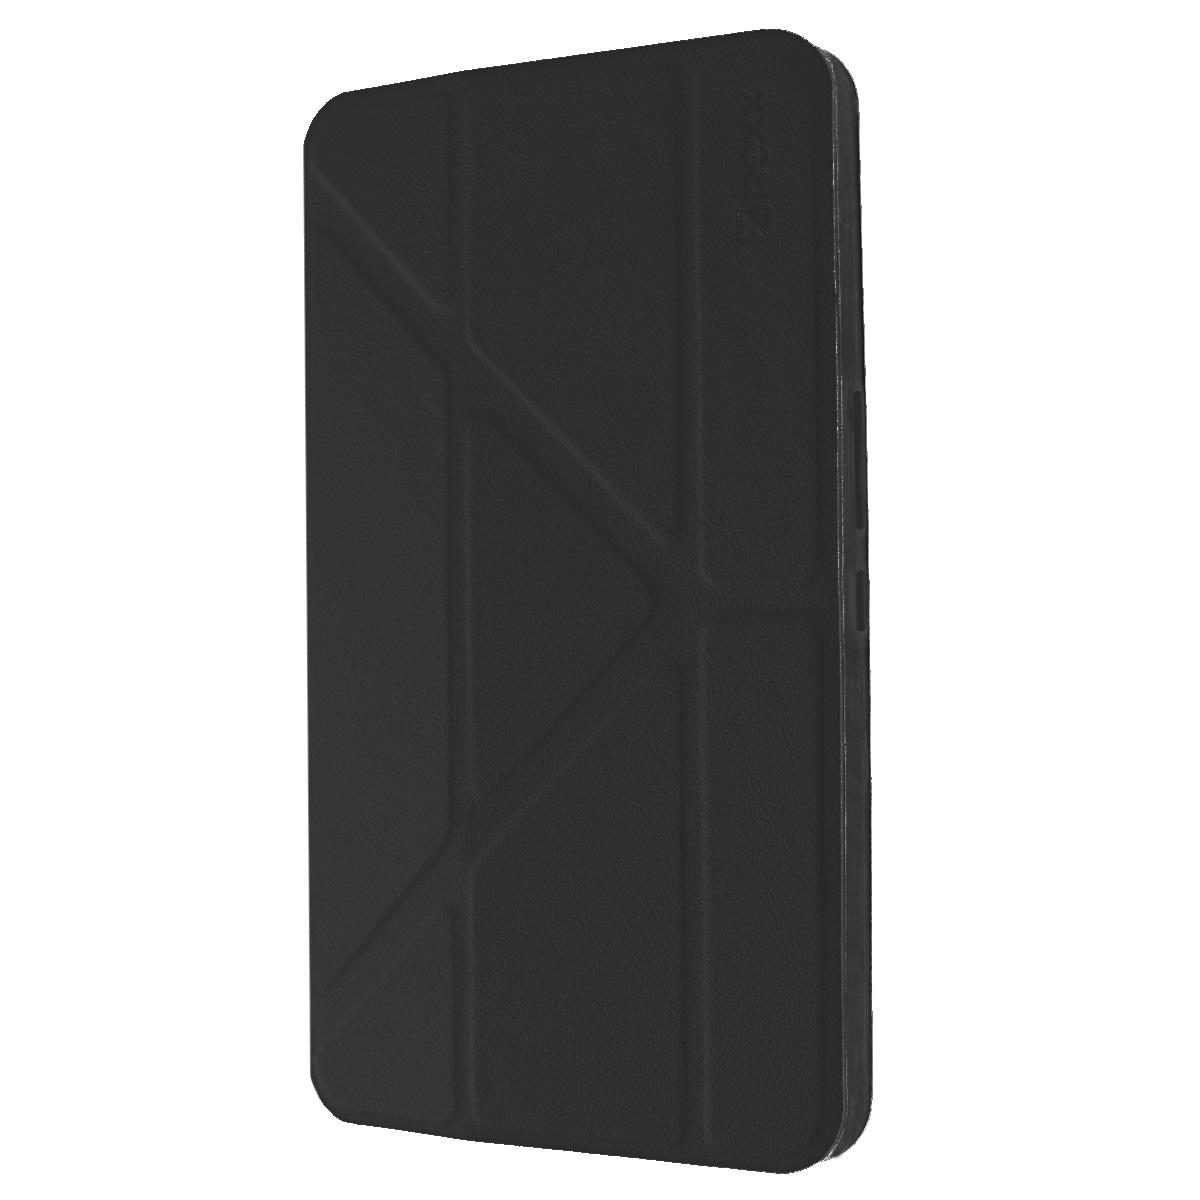 Nexx Smartt чехол для Samsung Galaxy Tab 4 10, BlackNX-TPC-ST-209-BKЗащитный чехол Nexx Smartt для Samsung Galaxy Tab 4 10. Коллекция чехлов Smartt сочетает в себе функциональность и надежность. Особенностью чехла является его способность принимать форму вашего планшета и сливаться с ним воедино, практически не увеличивая вес и габариты. Конструкция крышки чехла со встроенными магнитами позволяет разместить смартфон в удобном положении.